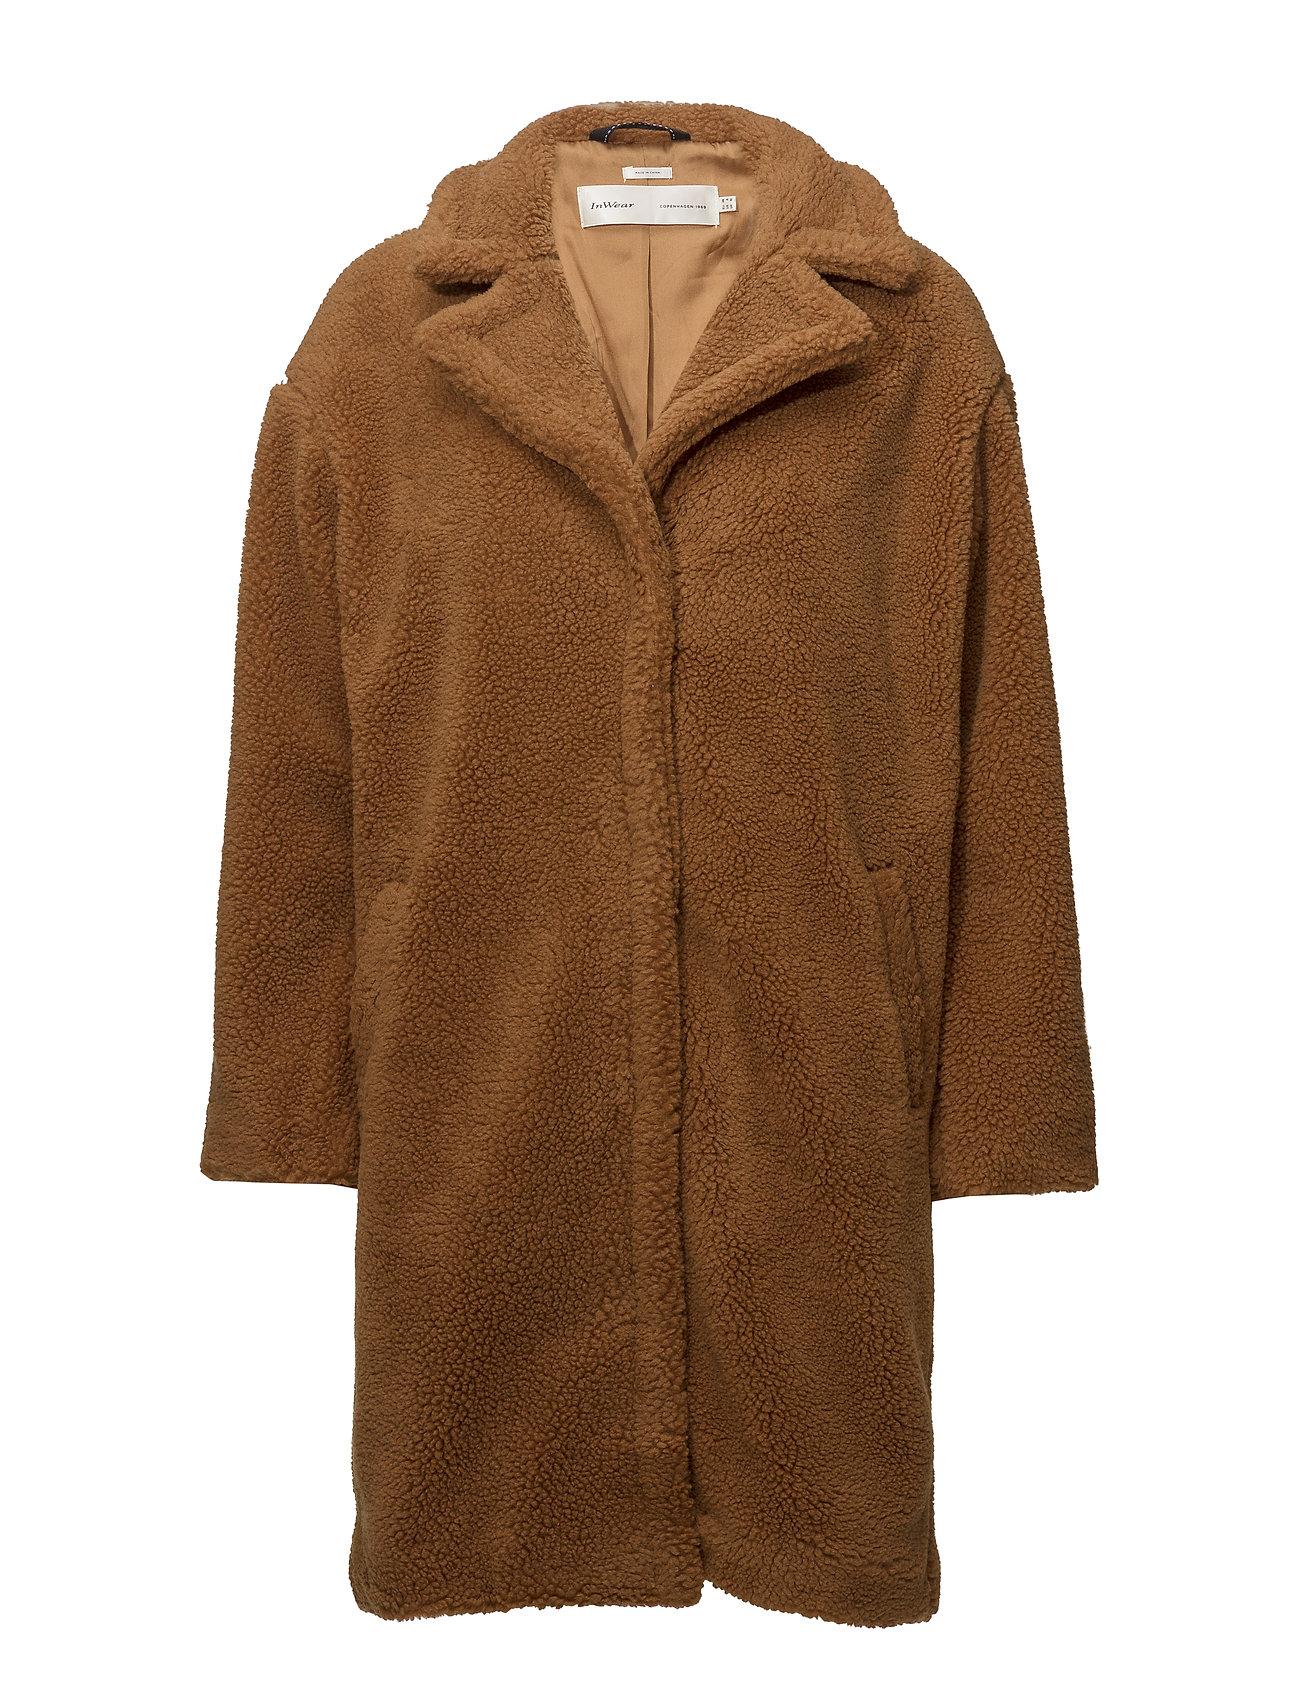 InWear Eilene Coat OW - CARAMEL